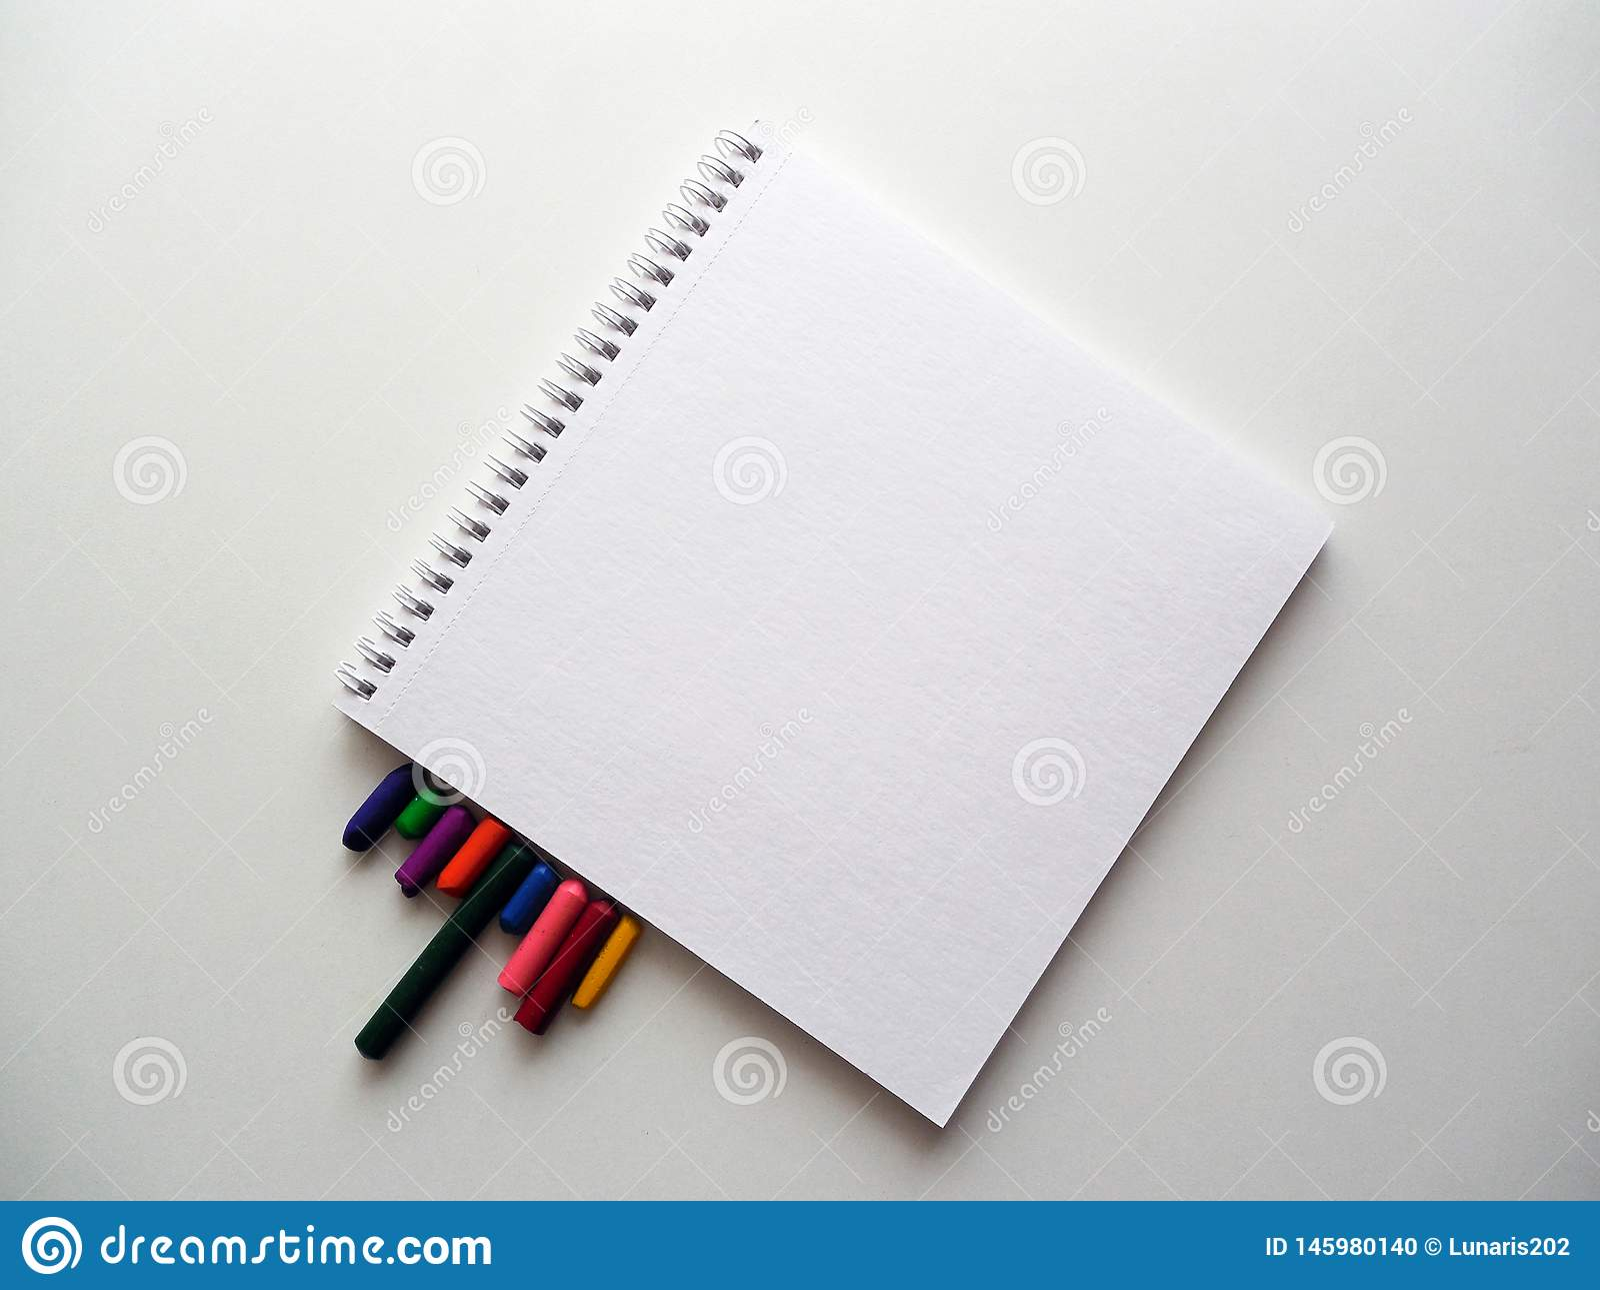 Notizbuch und farbige Zeichenstifte im Weiß